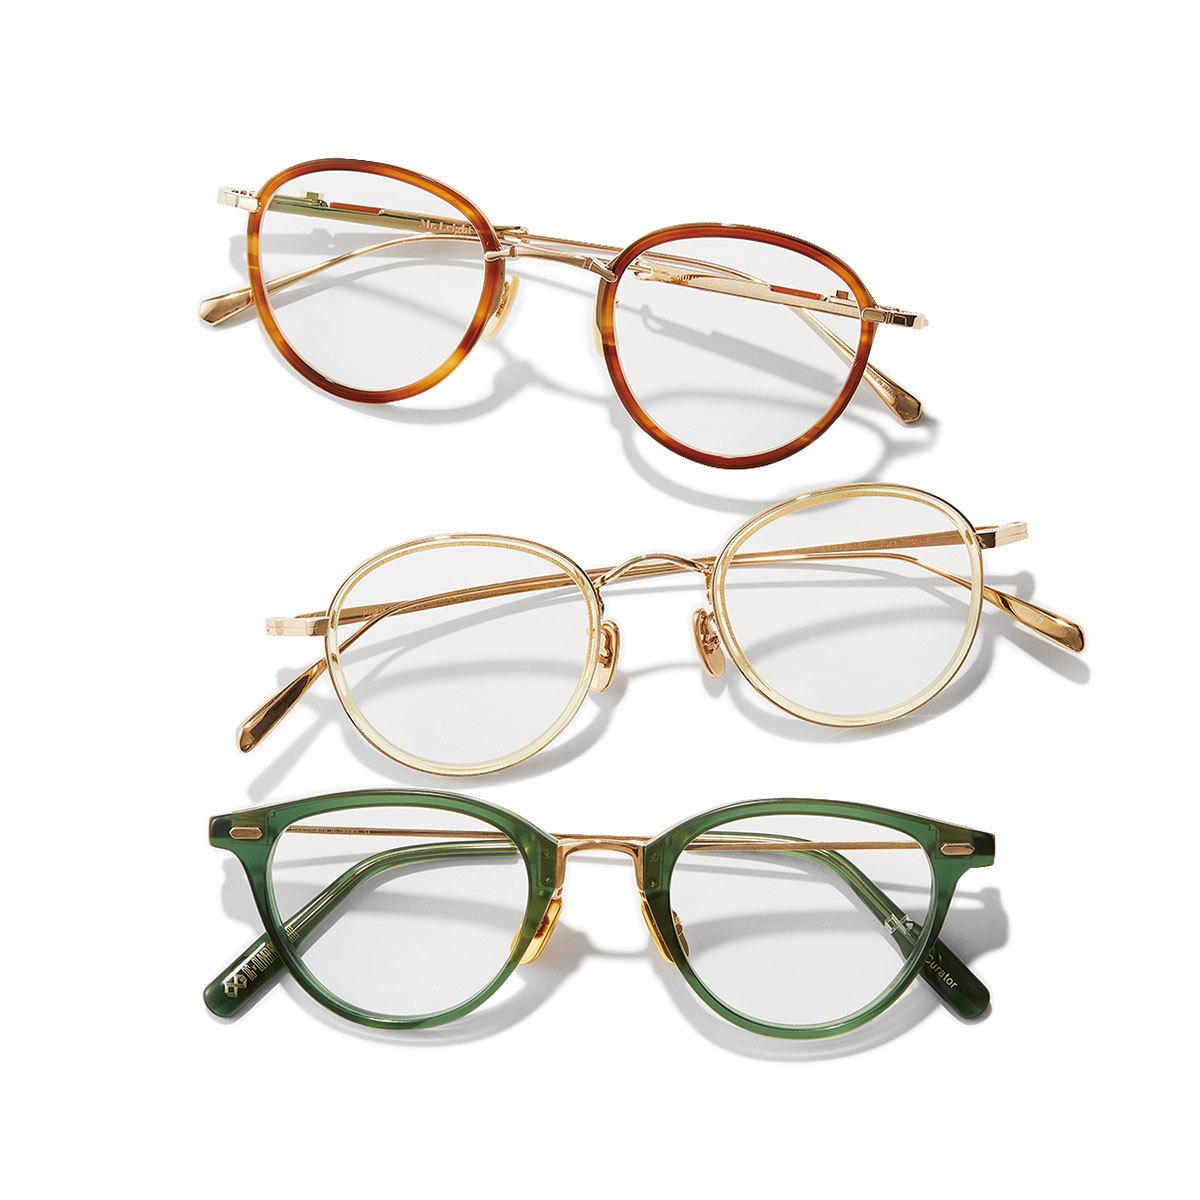 ミスター・ライト、BJ CLASSIC COLLECTION、オージー・バイ・オリバー・ゴールドスミスのメガネ